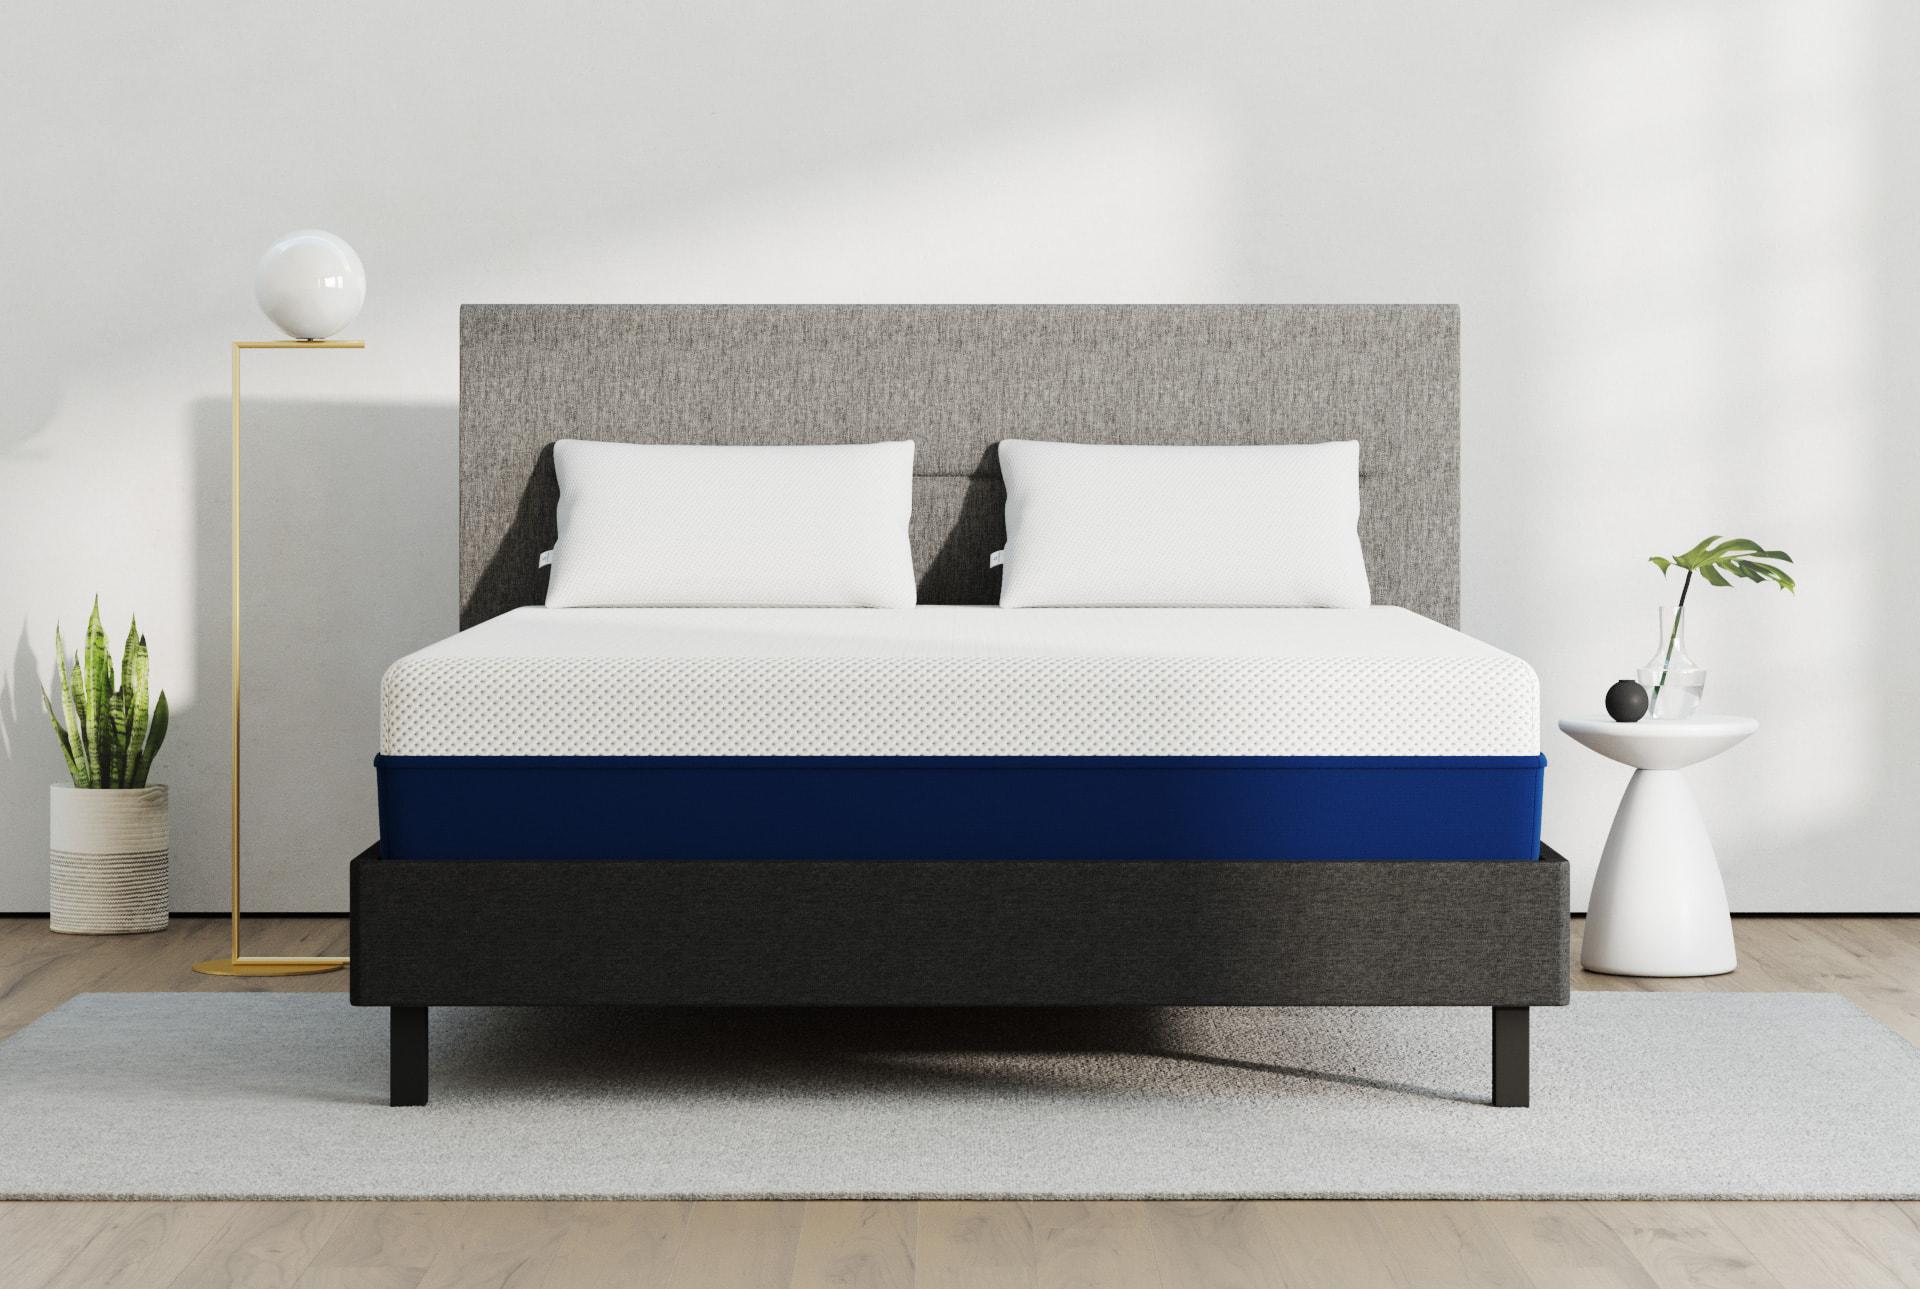 Amerisleep AS2 queen size mattress